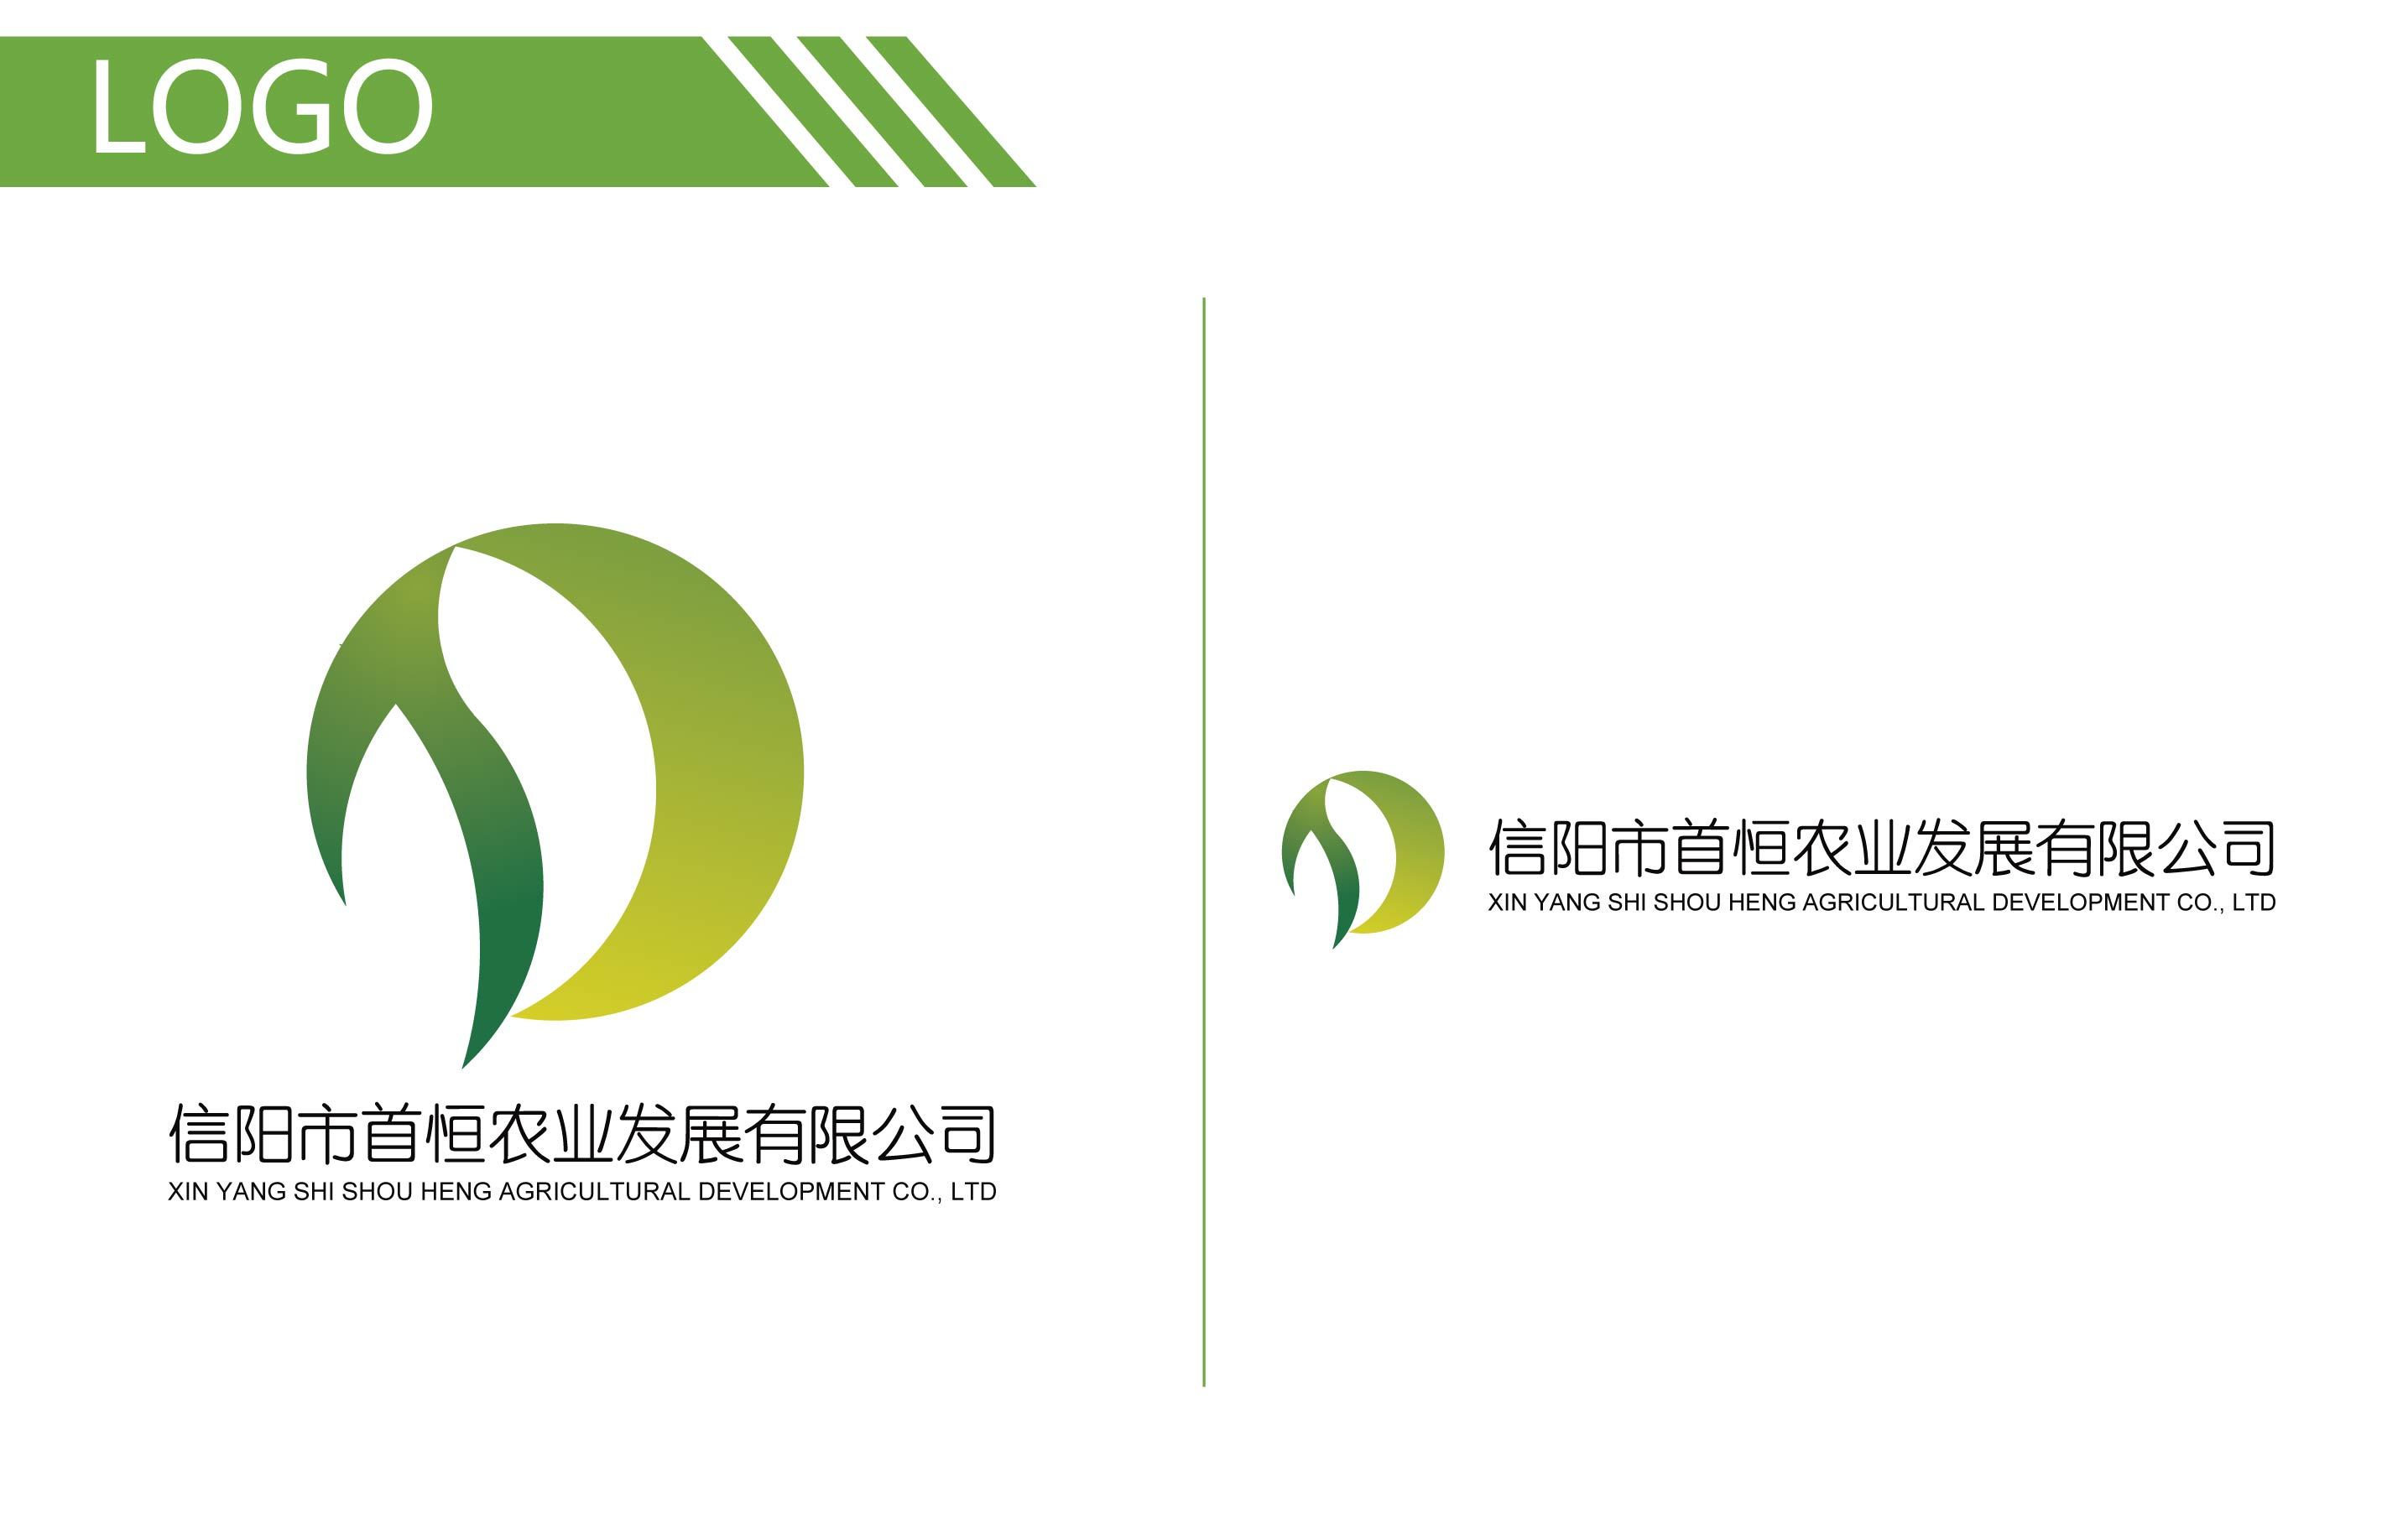 农业logo一枚.图片